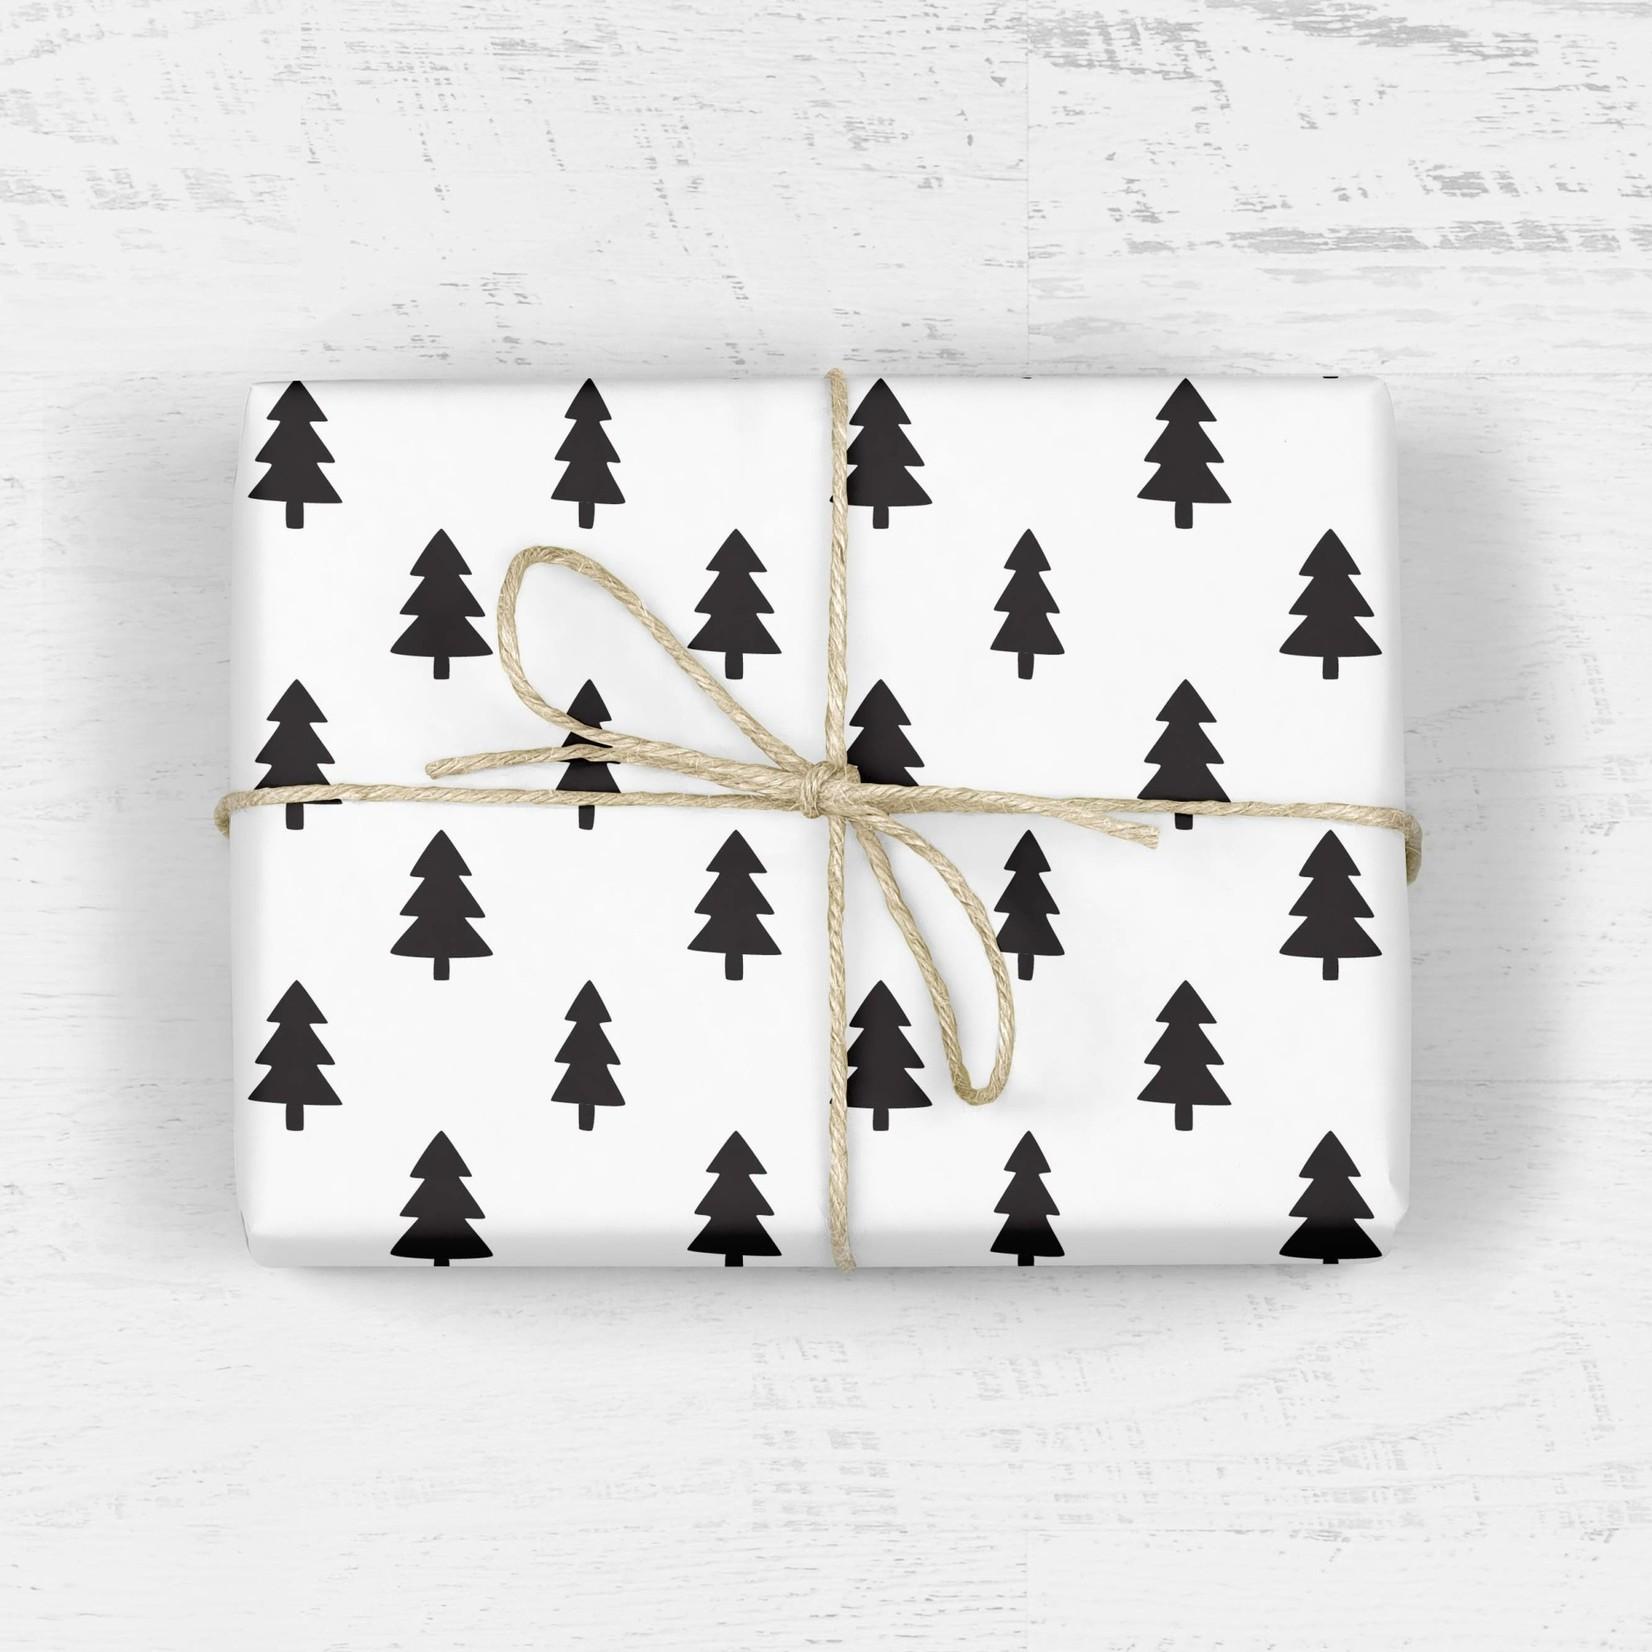 Mellowworks Mellowworks Wrap CHRISTMAS TREES